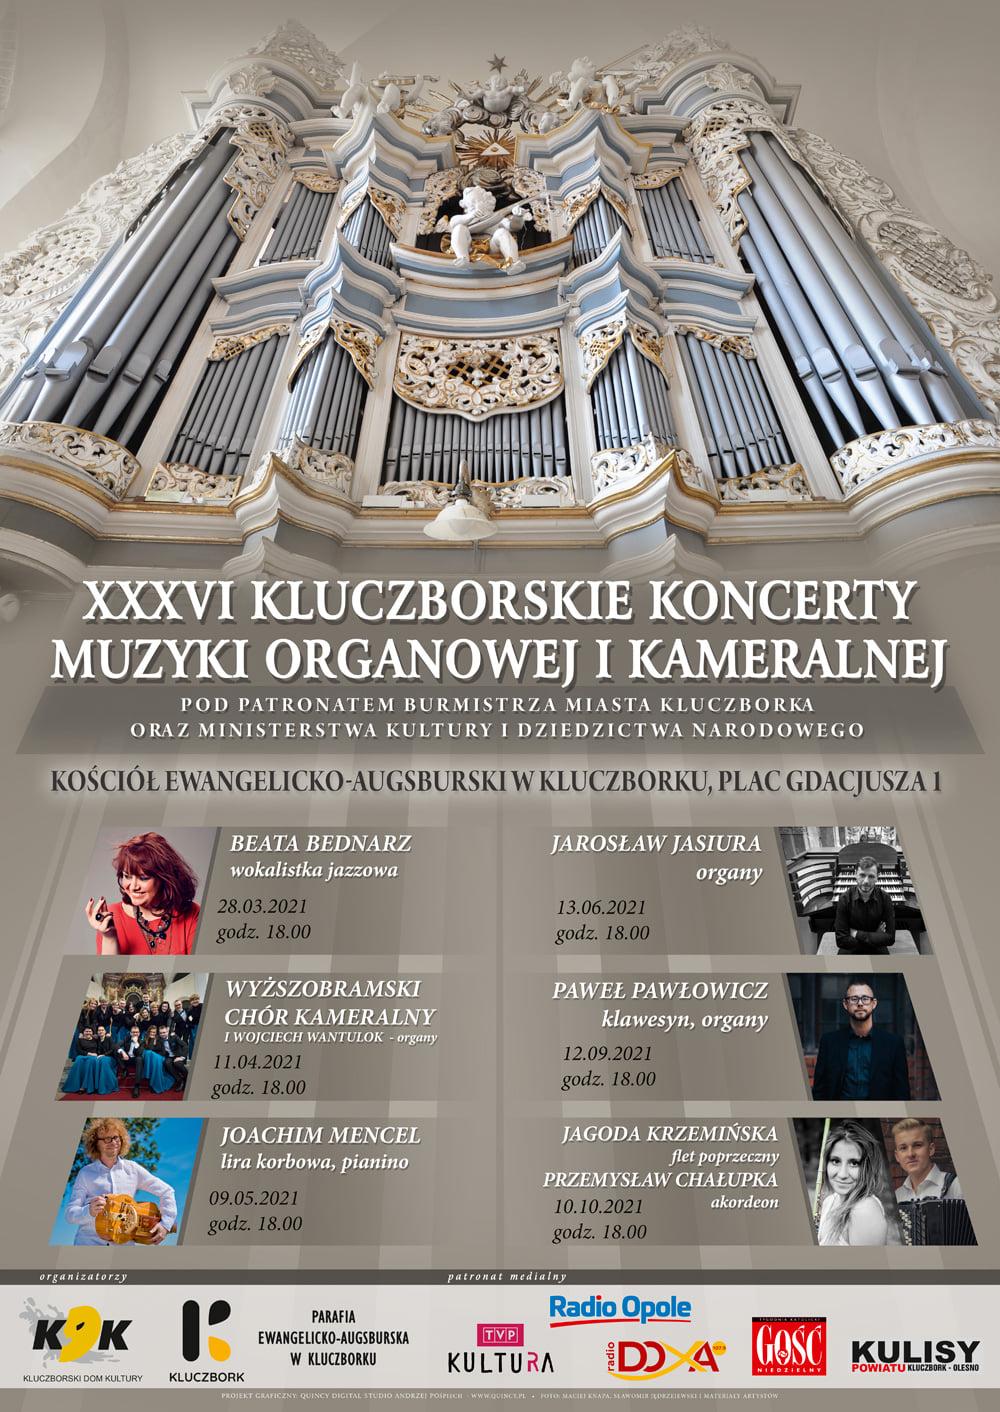 36. Kluczborskie Koncerty Muzyki Organowej i Kameralnej